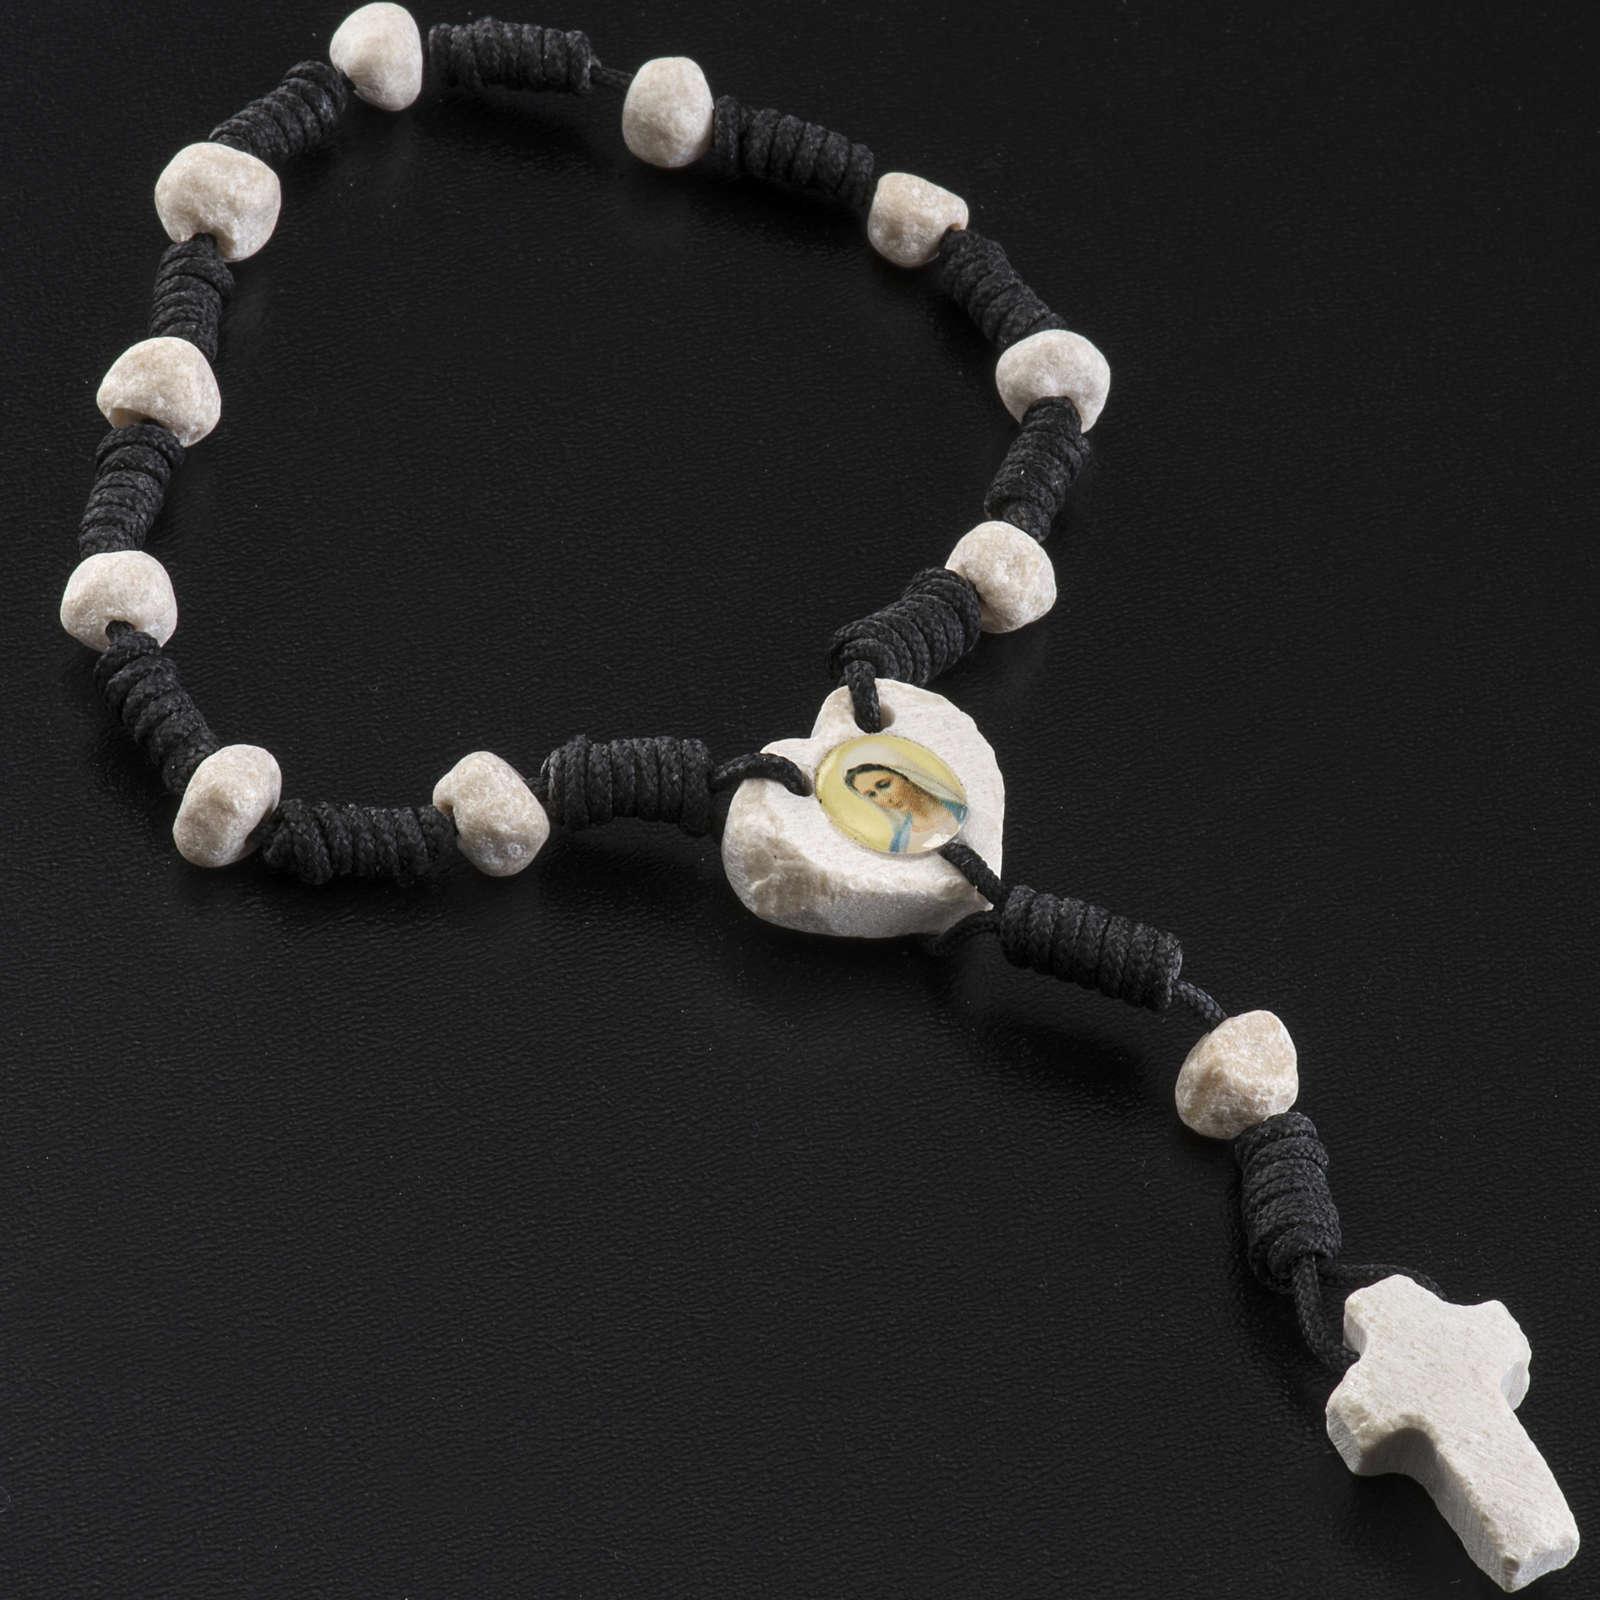 Coroncina Medjugorje pietra corda nera crociera cuore 4